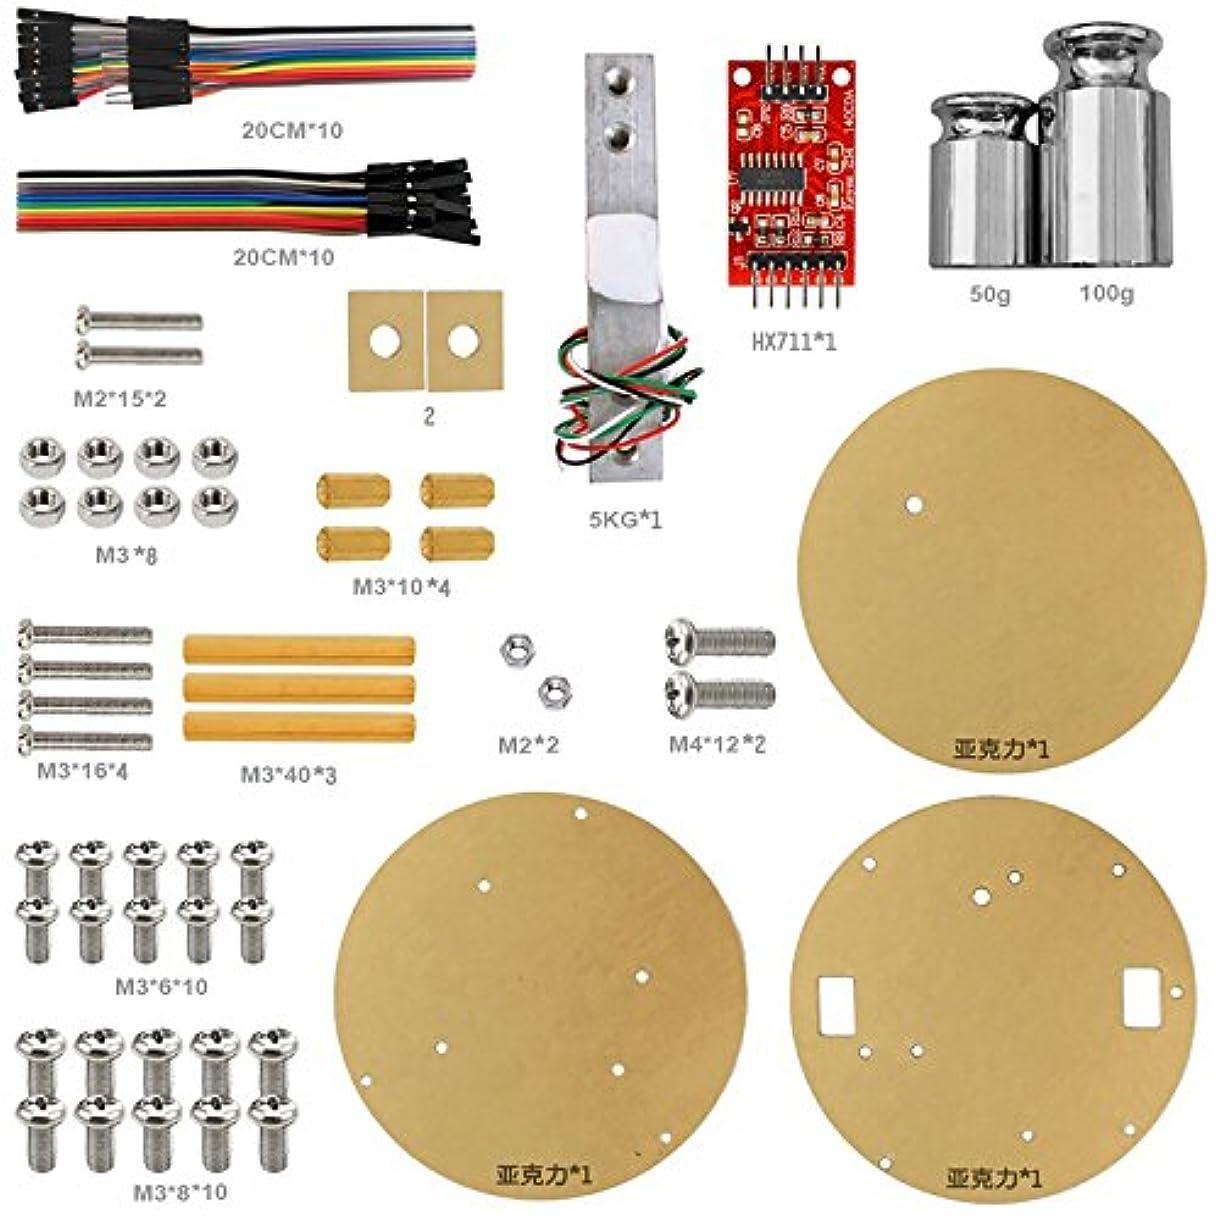 ゆるく好奇心他の日Gikfunスケールキット5 kg DIY電子計量スケールキットfor Arduino Precisionジュエリー電子スケールek1867